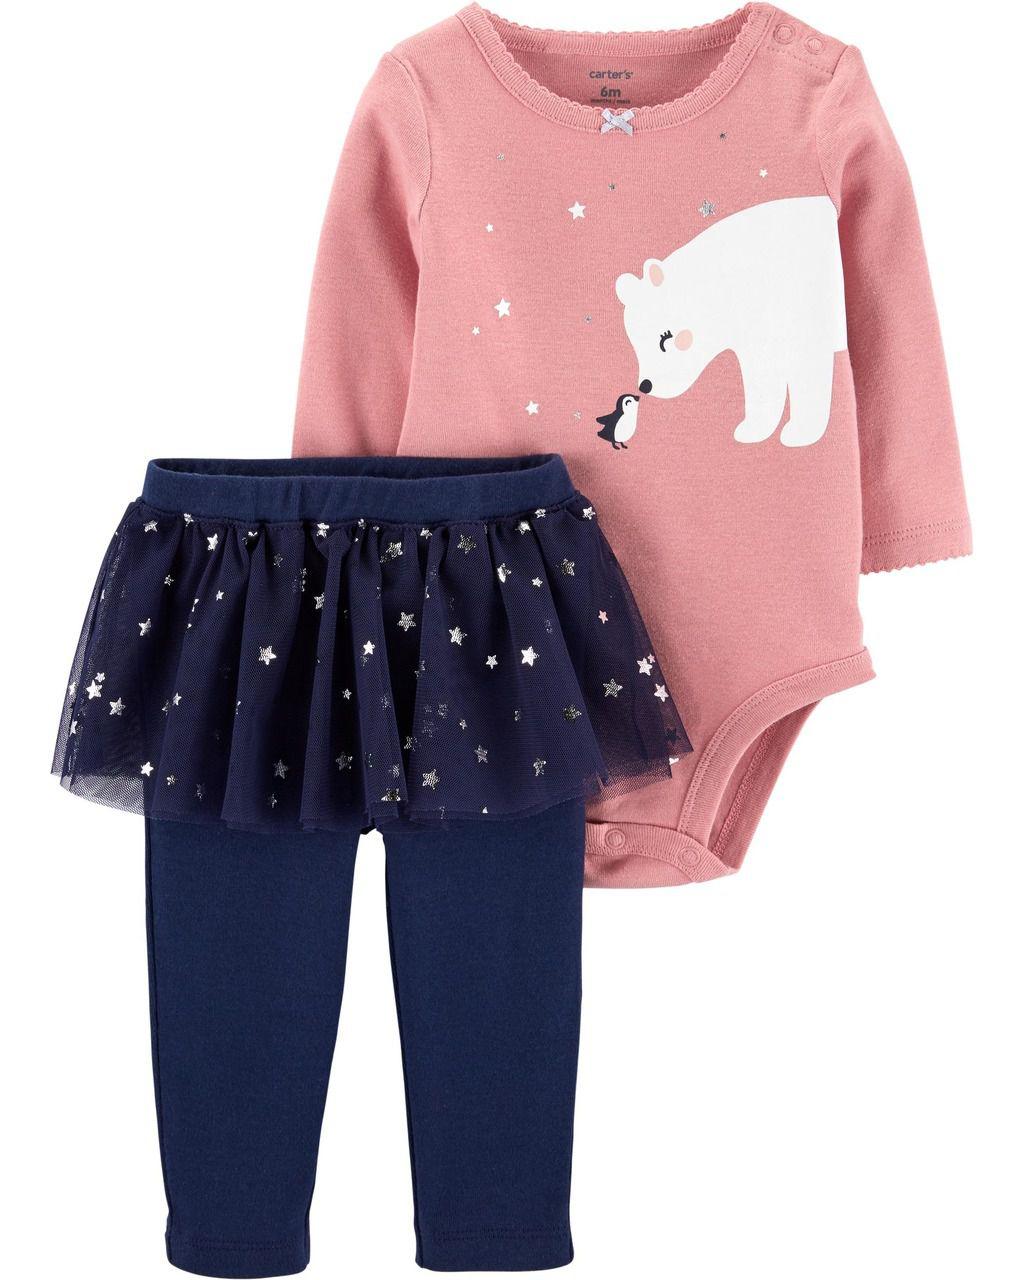 Conjunto Tutu Urso Polar Carter's